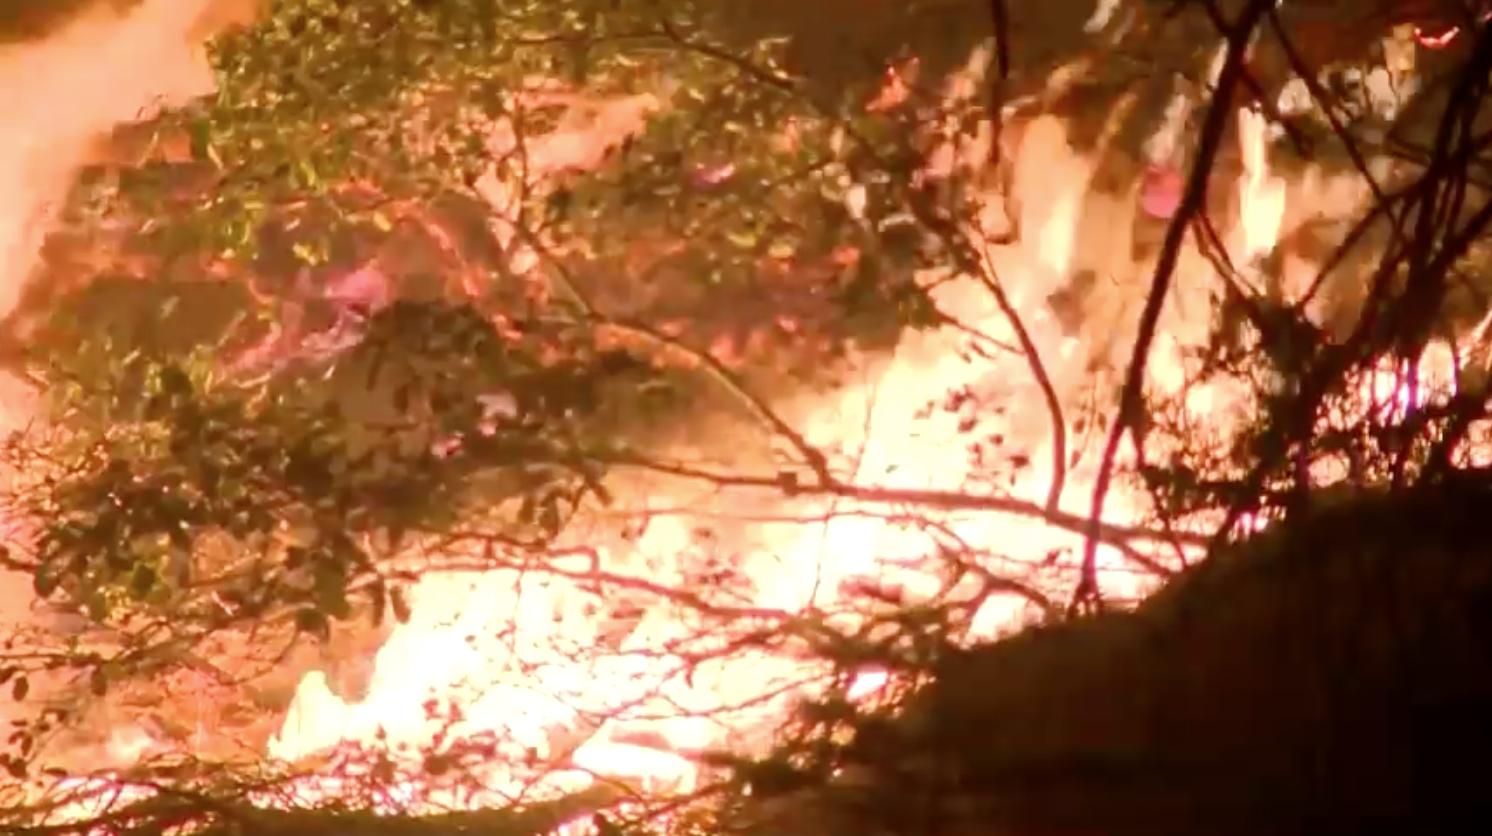 Lệnh di tản ở Lake Tahoe được dỡ bỏ, nhưng các mối nguy hiểm từ đám cháy Caldor Fire vẫn còn hiện hữu